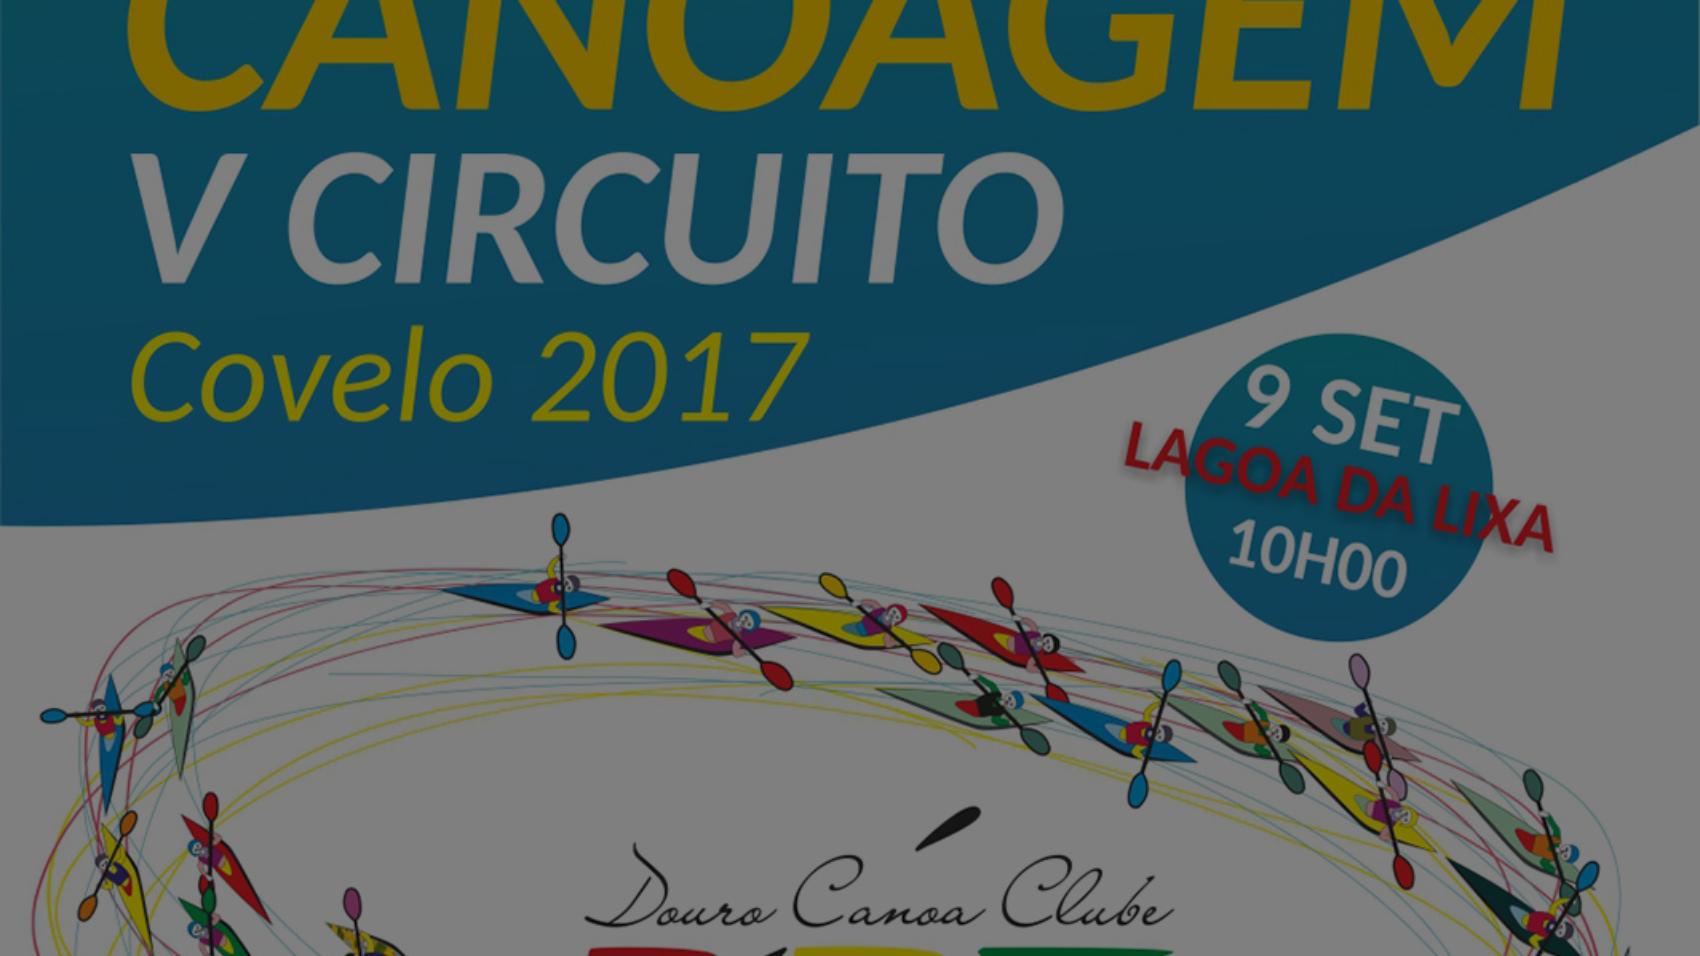 V Circuito de Covelo - Primeiras Pagaiadas blog Canoagem Divulgação Douro Canoa Clube 1